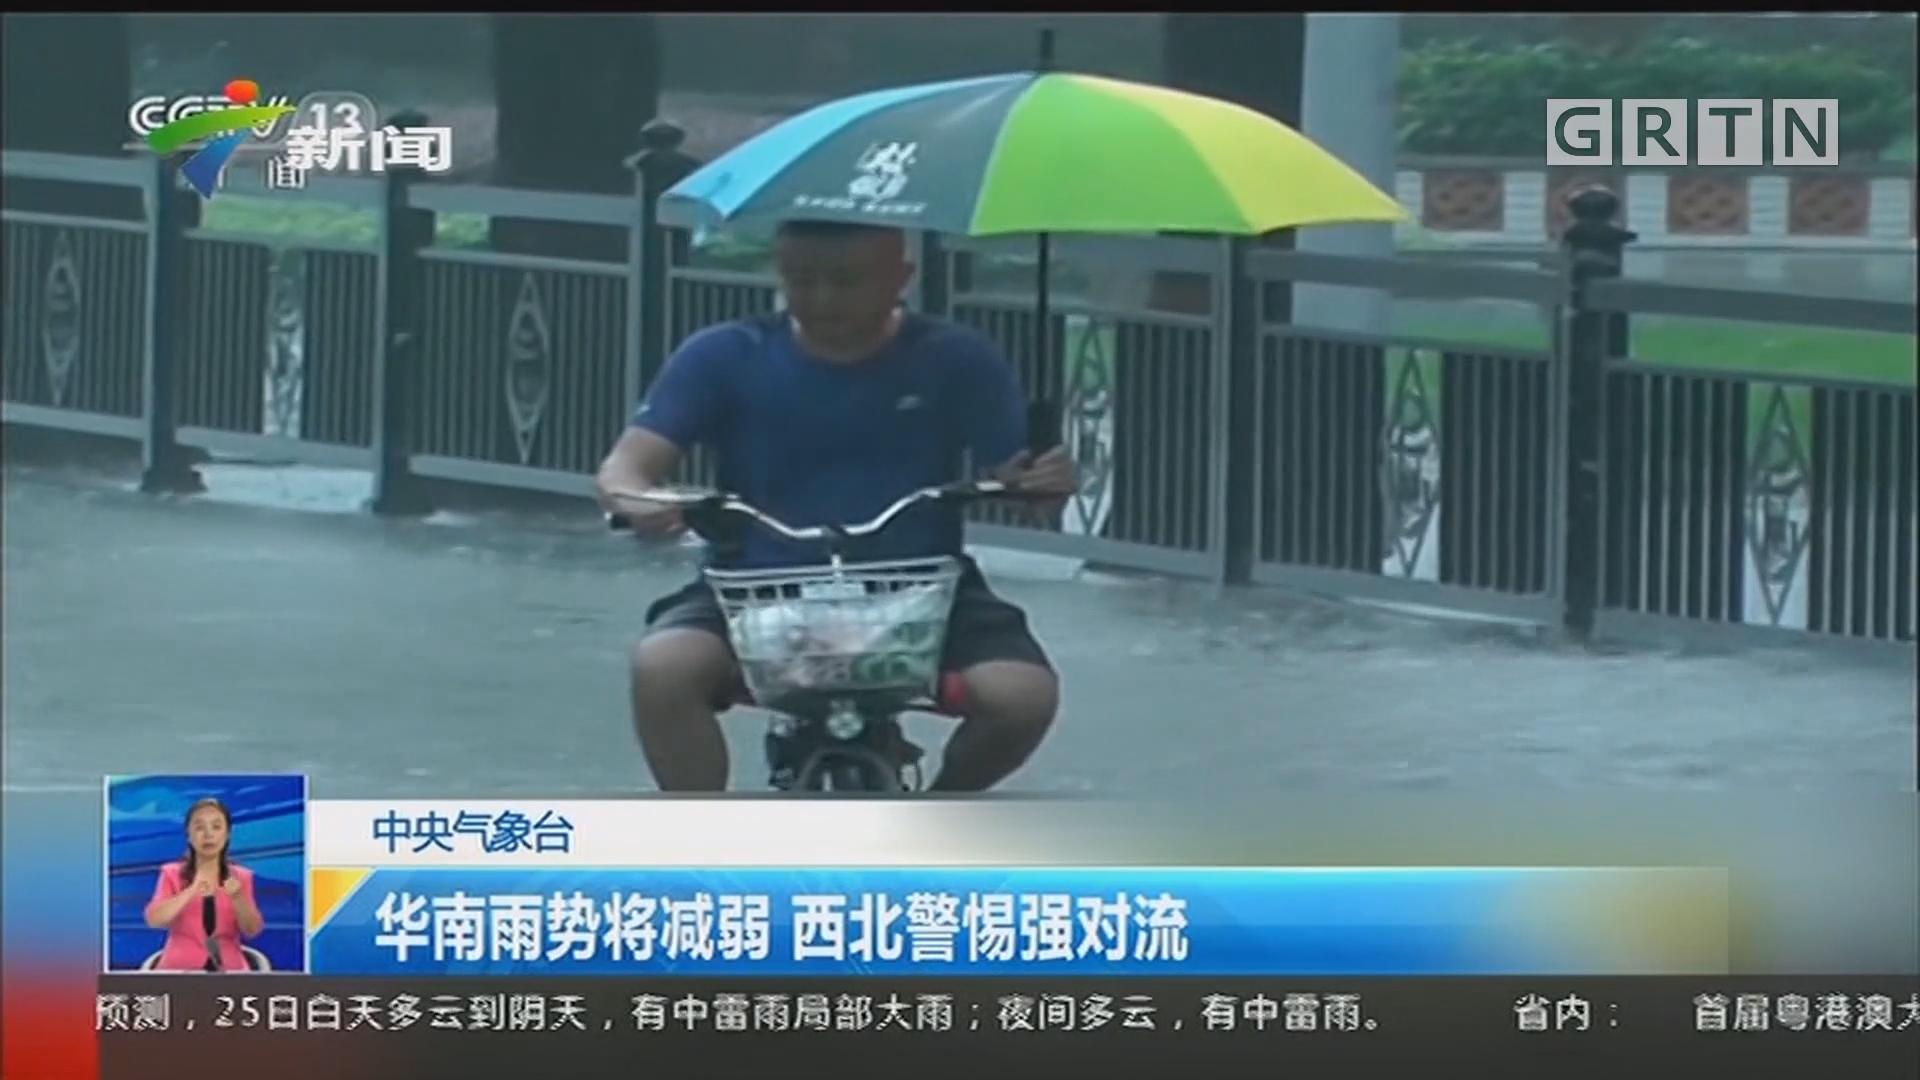 中央气象台:华南雨势将减弱 西北警惕强对流